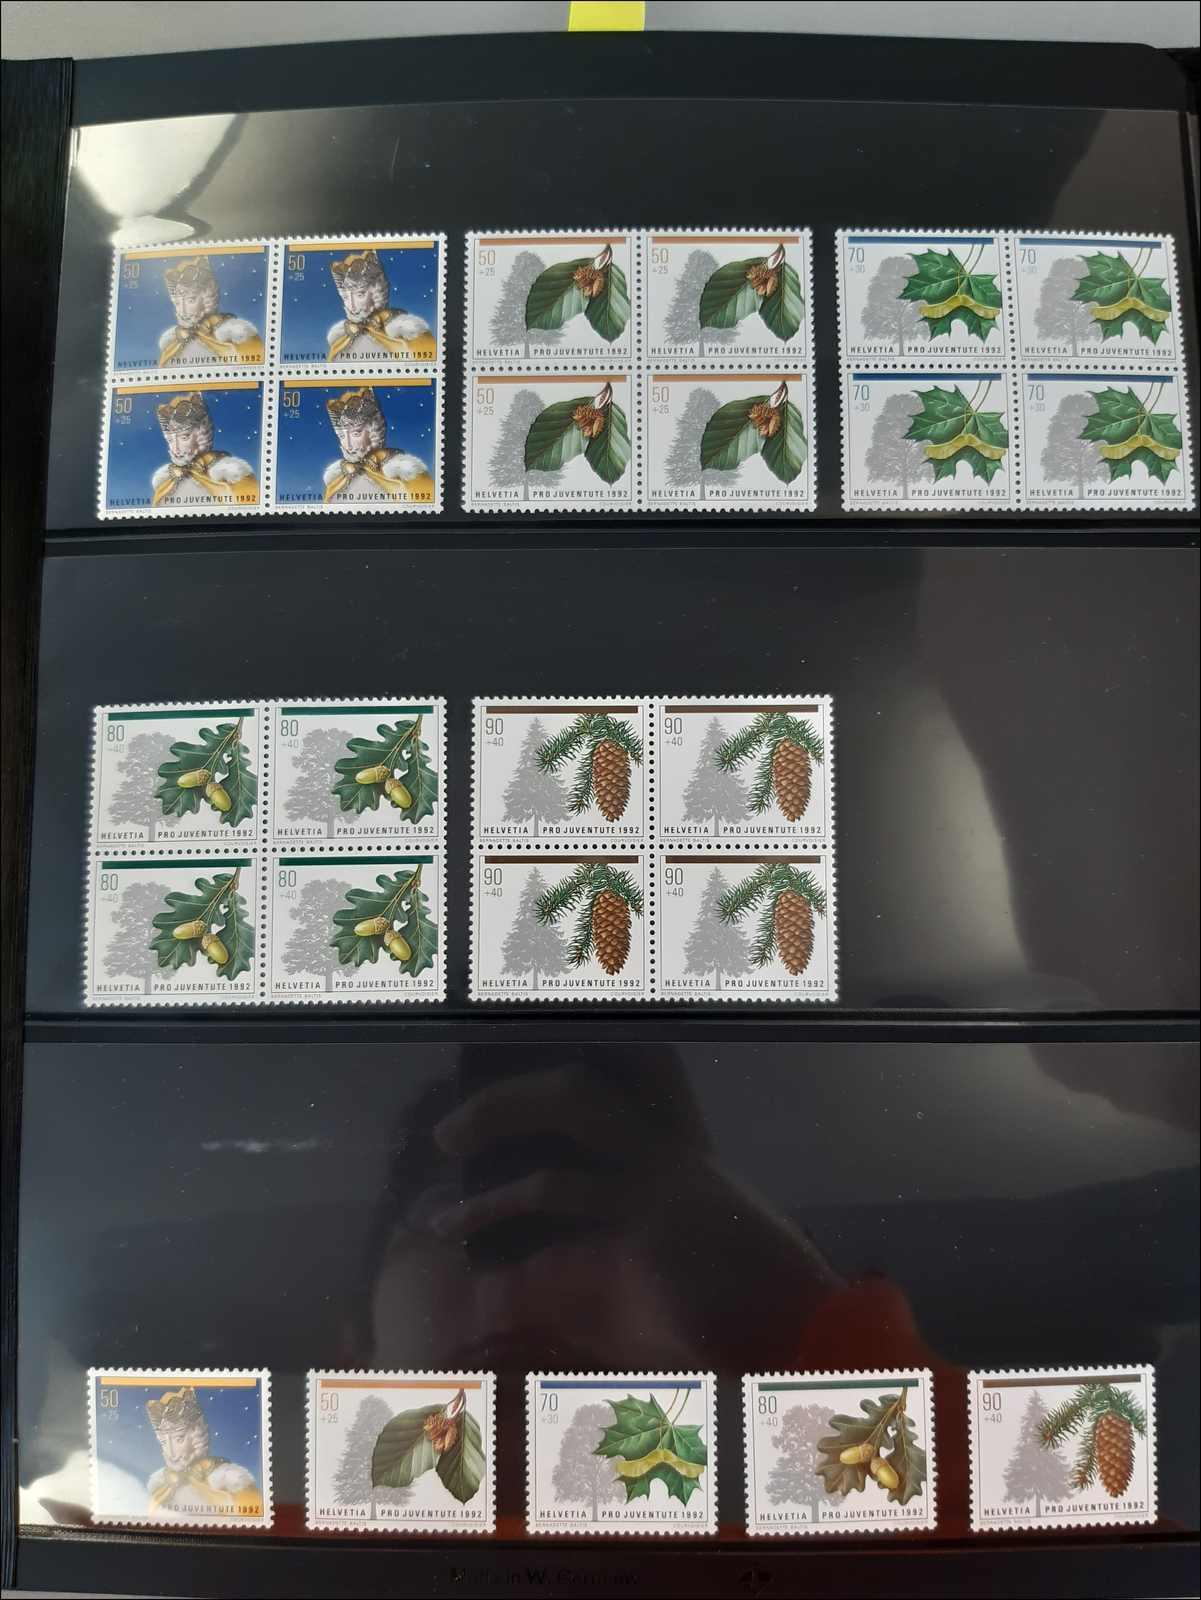 Lot 201 - schweiz schweiz pro juventute -  Rolli Auctions Auction #68 Day 1